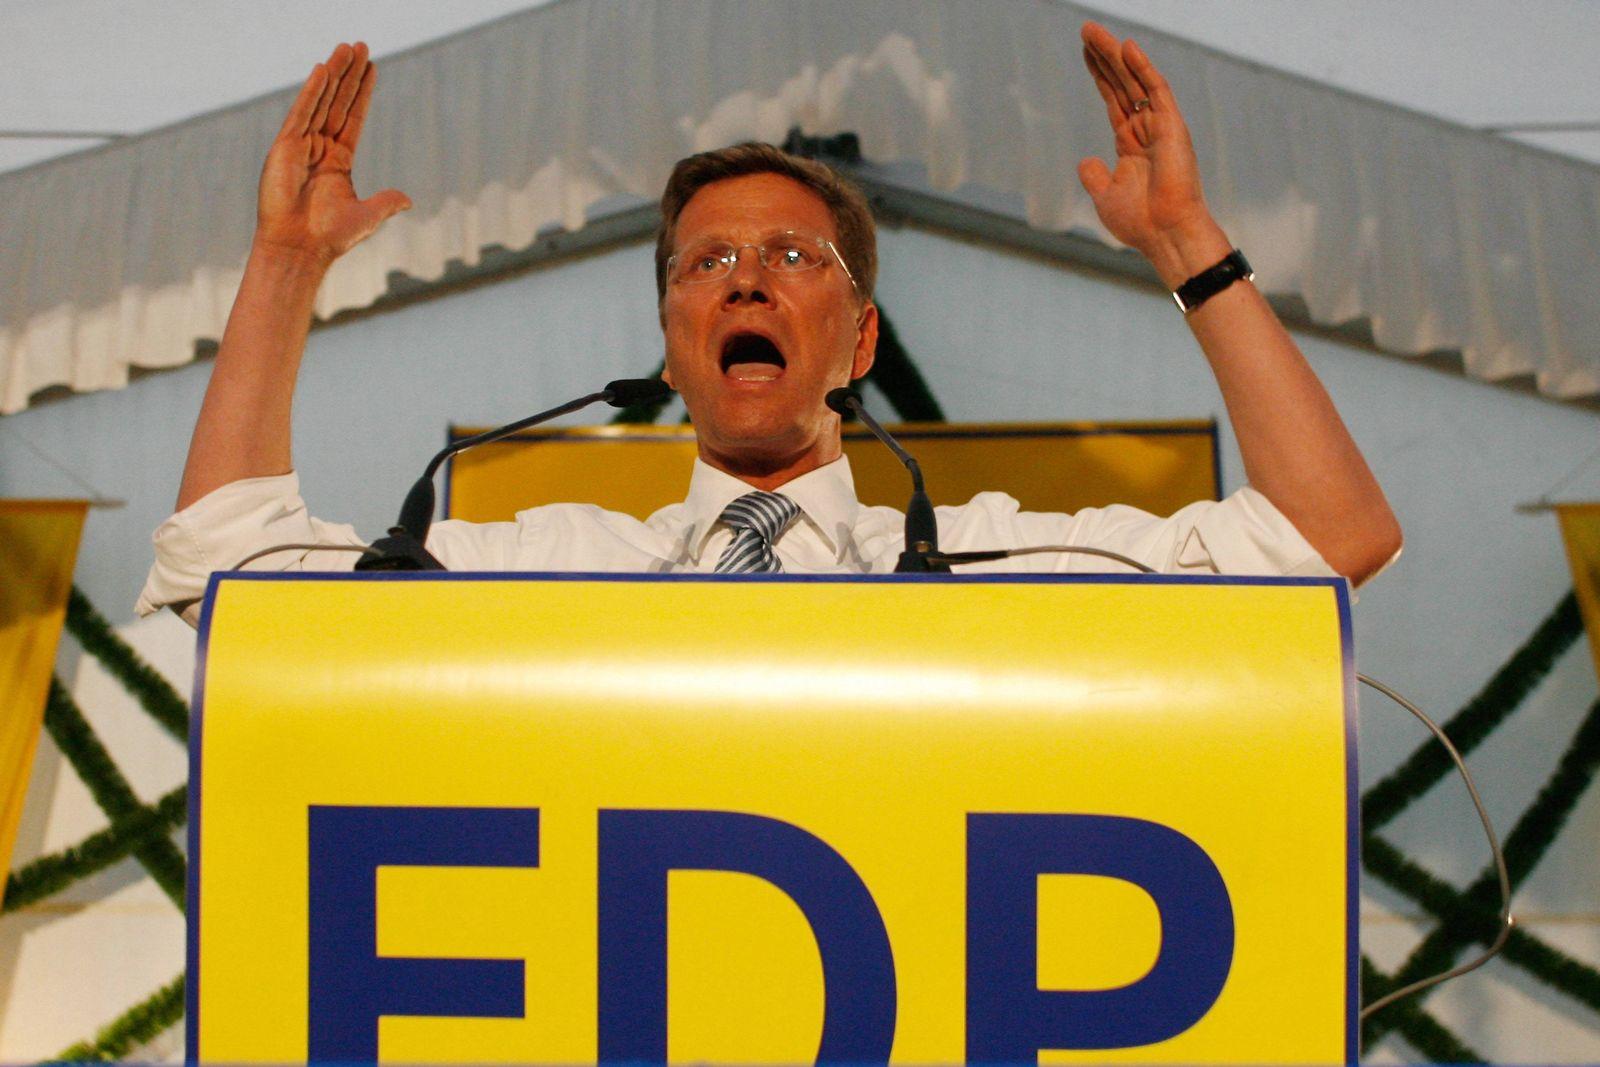 NICHT VERWENDEN Guido Westerwelle / Opposition